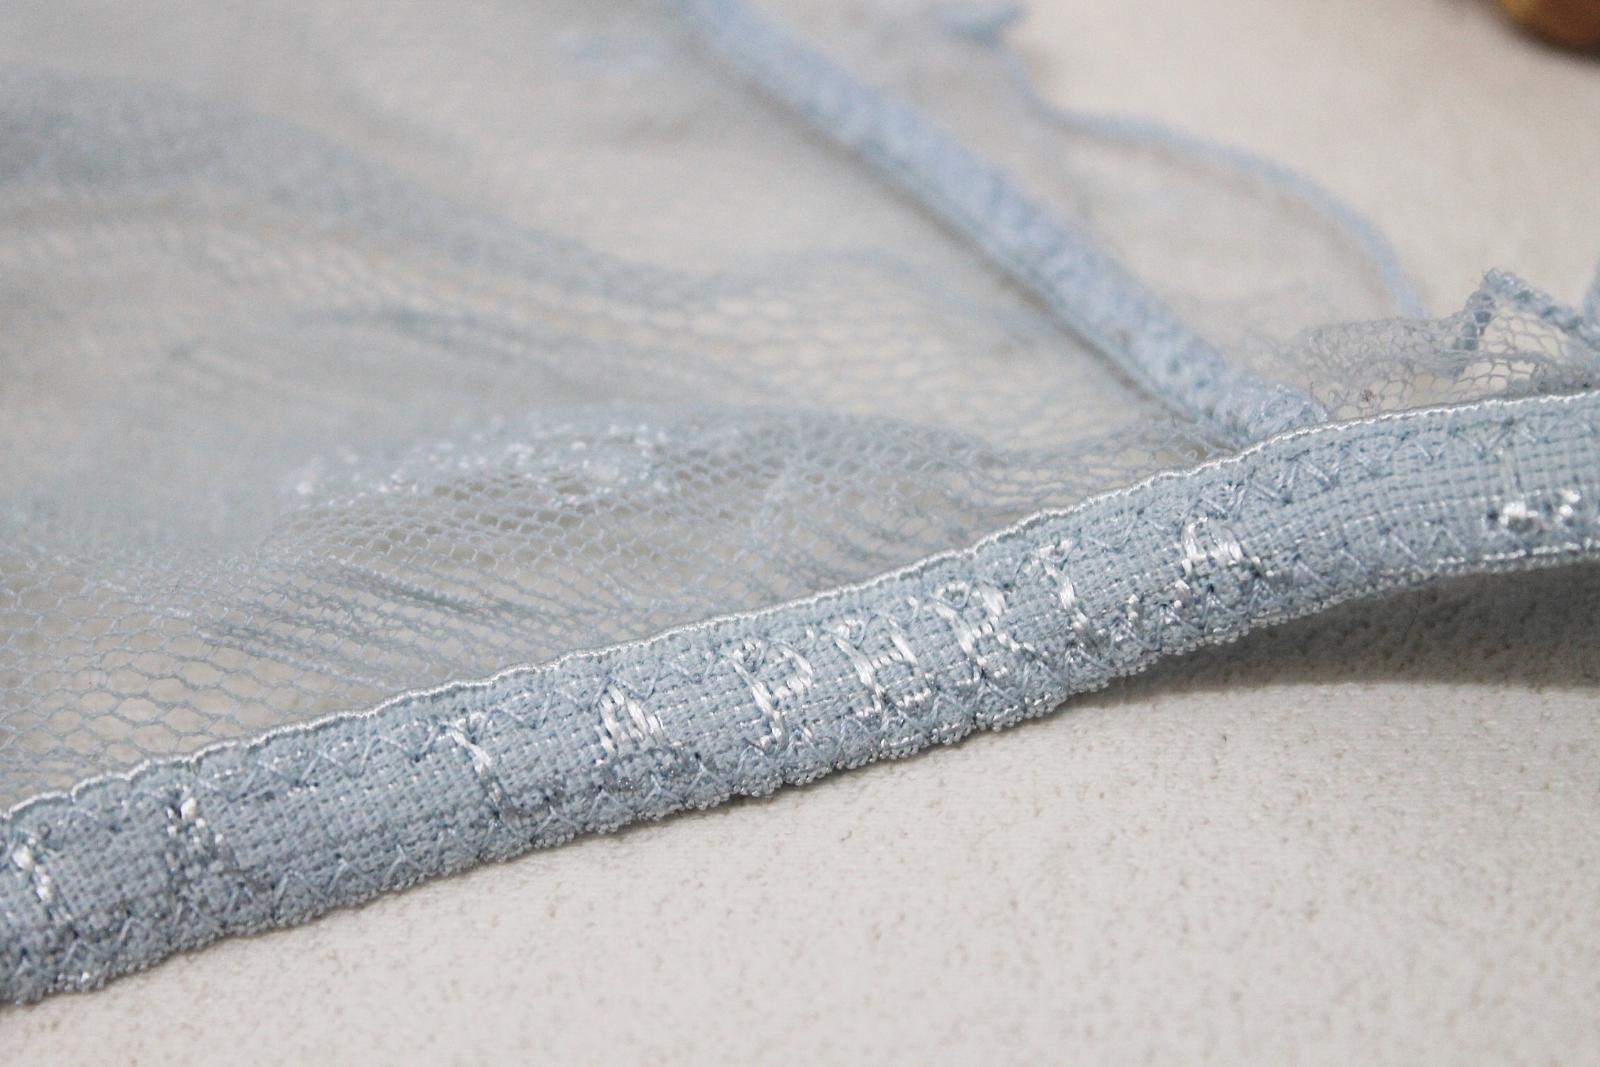 LA-PERLA-Ladies-Light-Blue-Lace-Halterneck-Unwired-Delicate-Bra-Size-UK34 thumbnail 7